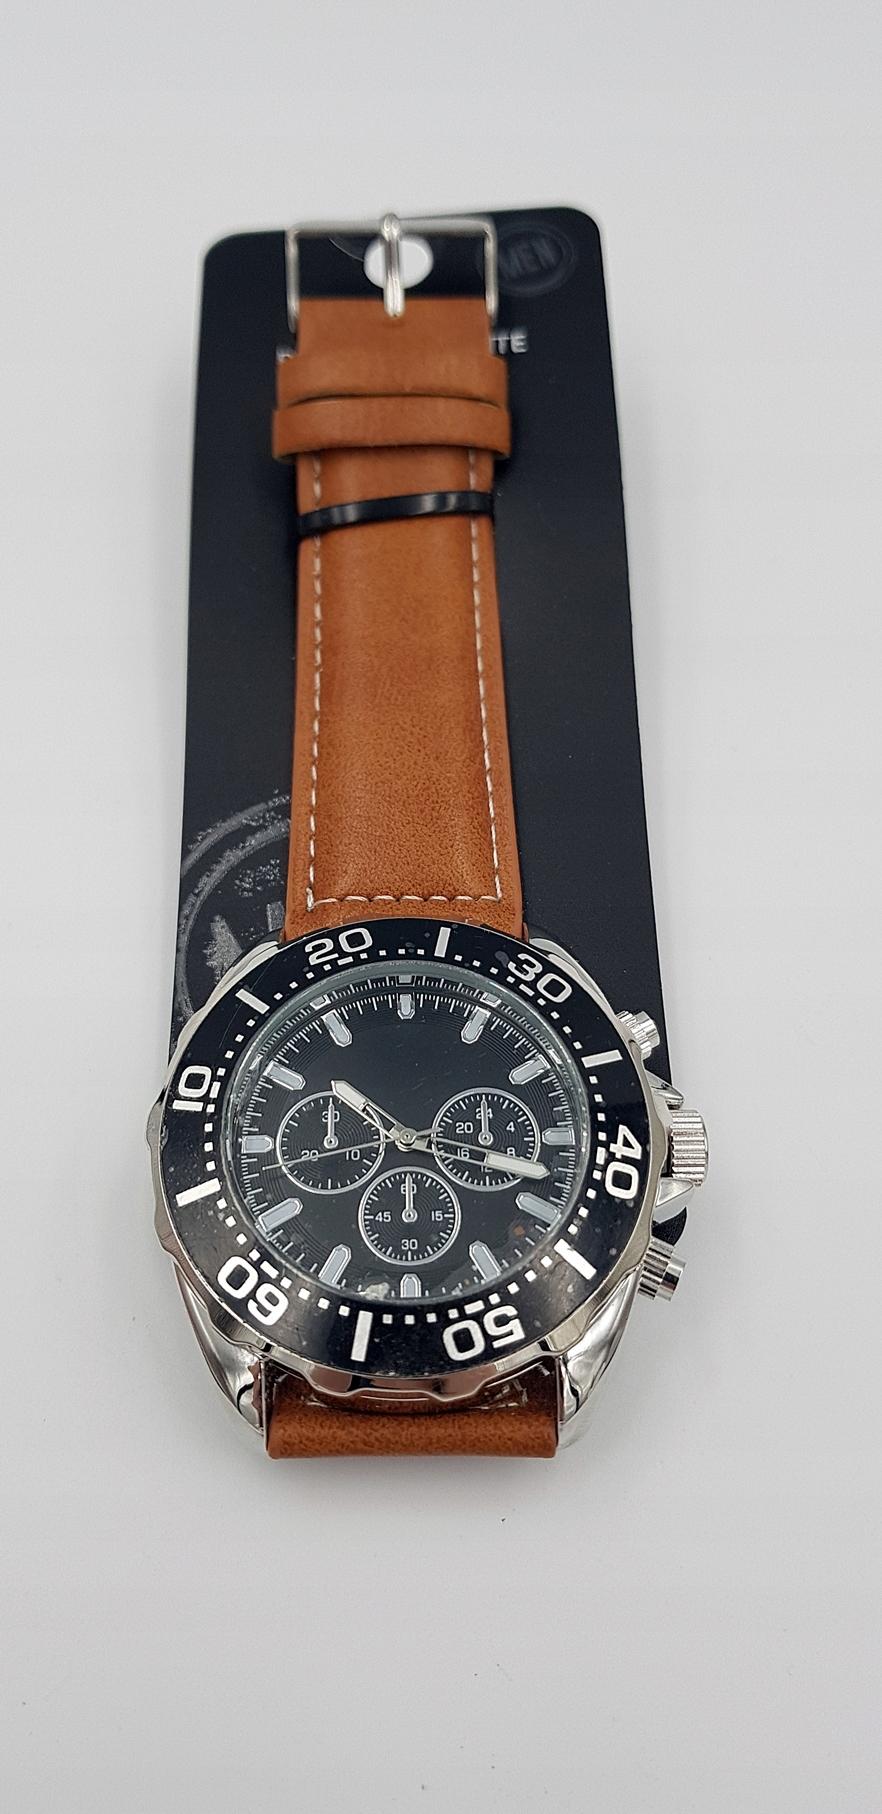 Zegarek męski Bijou Brigitte W2 651.475.680